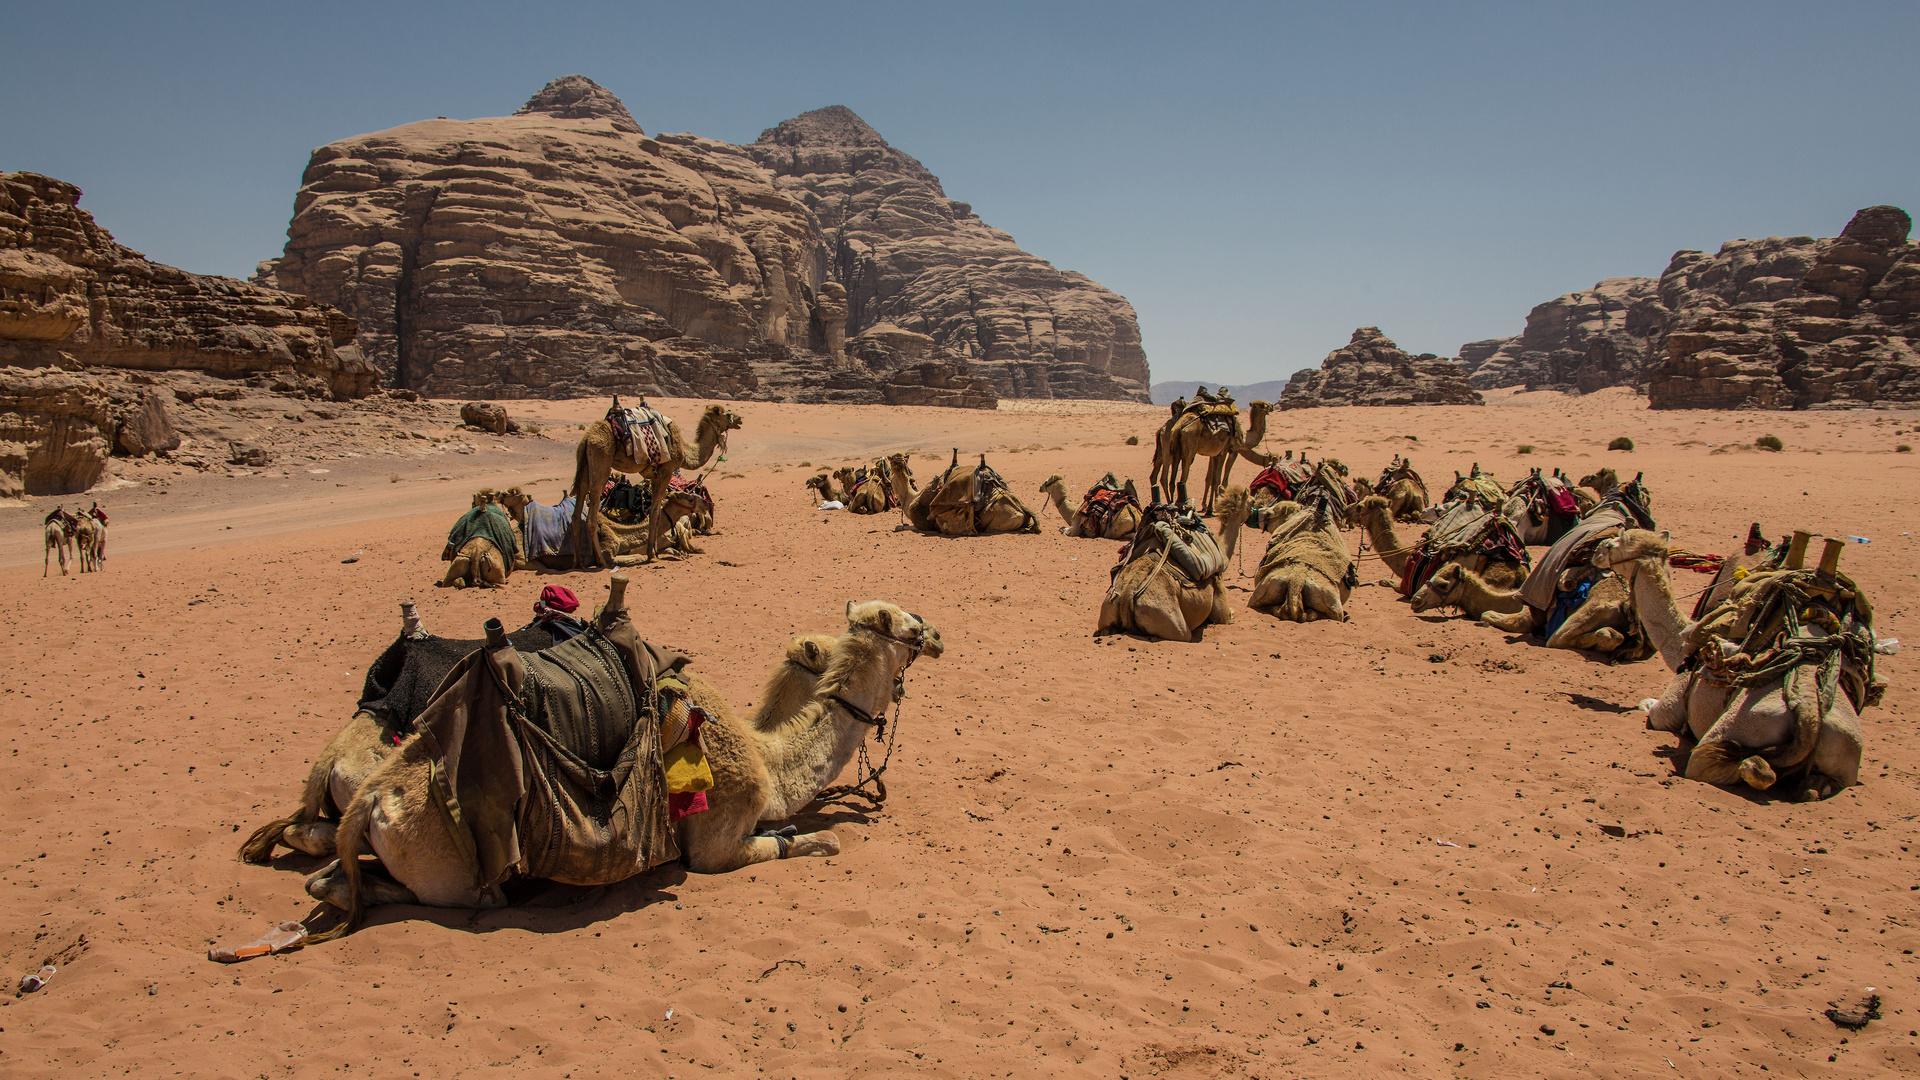 La caravane, prête au départ. Wadi Rum, Jordanie.